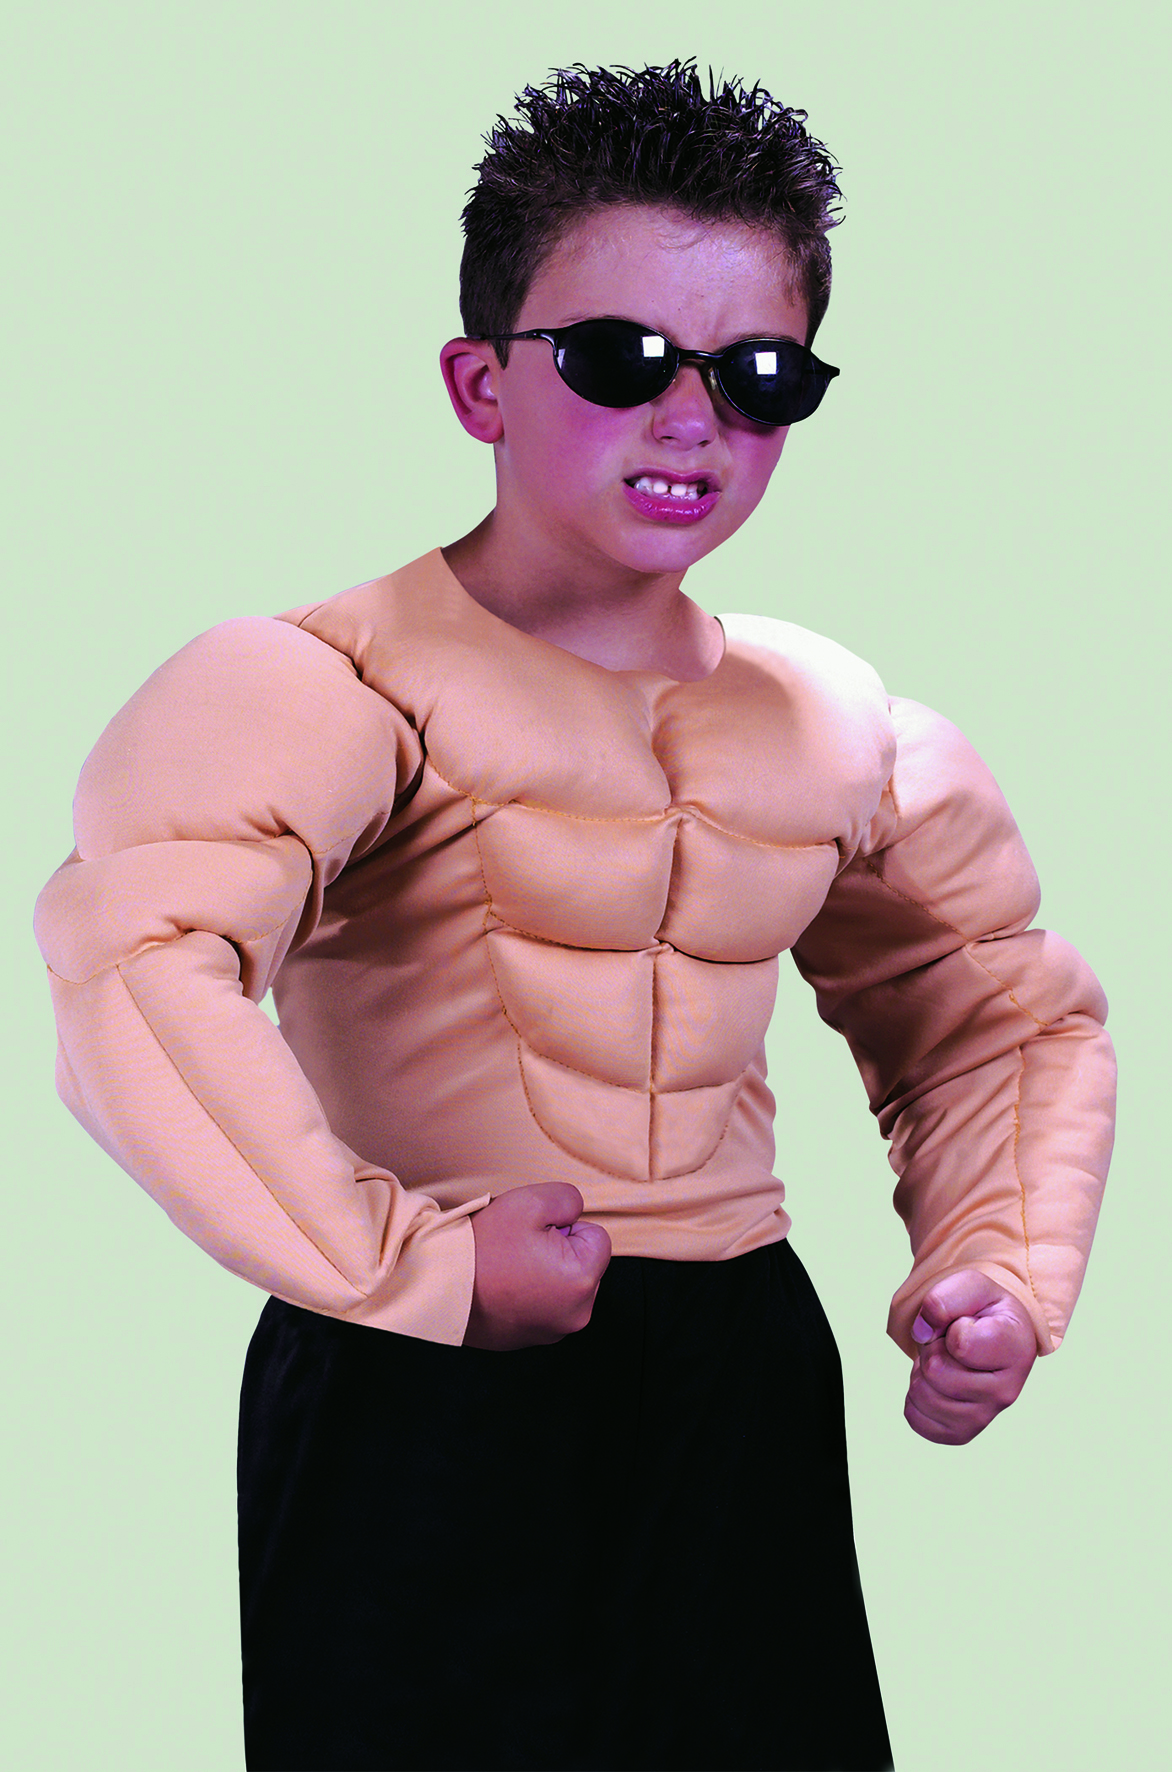 חולצת שרירים - מידת ילד